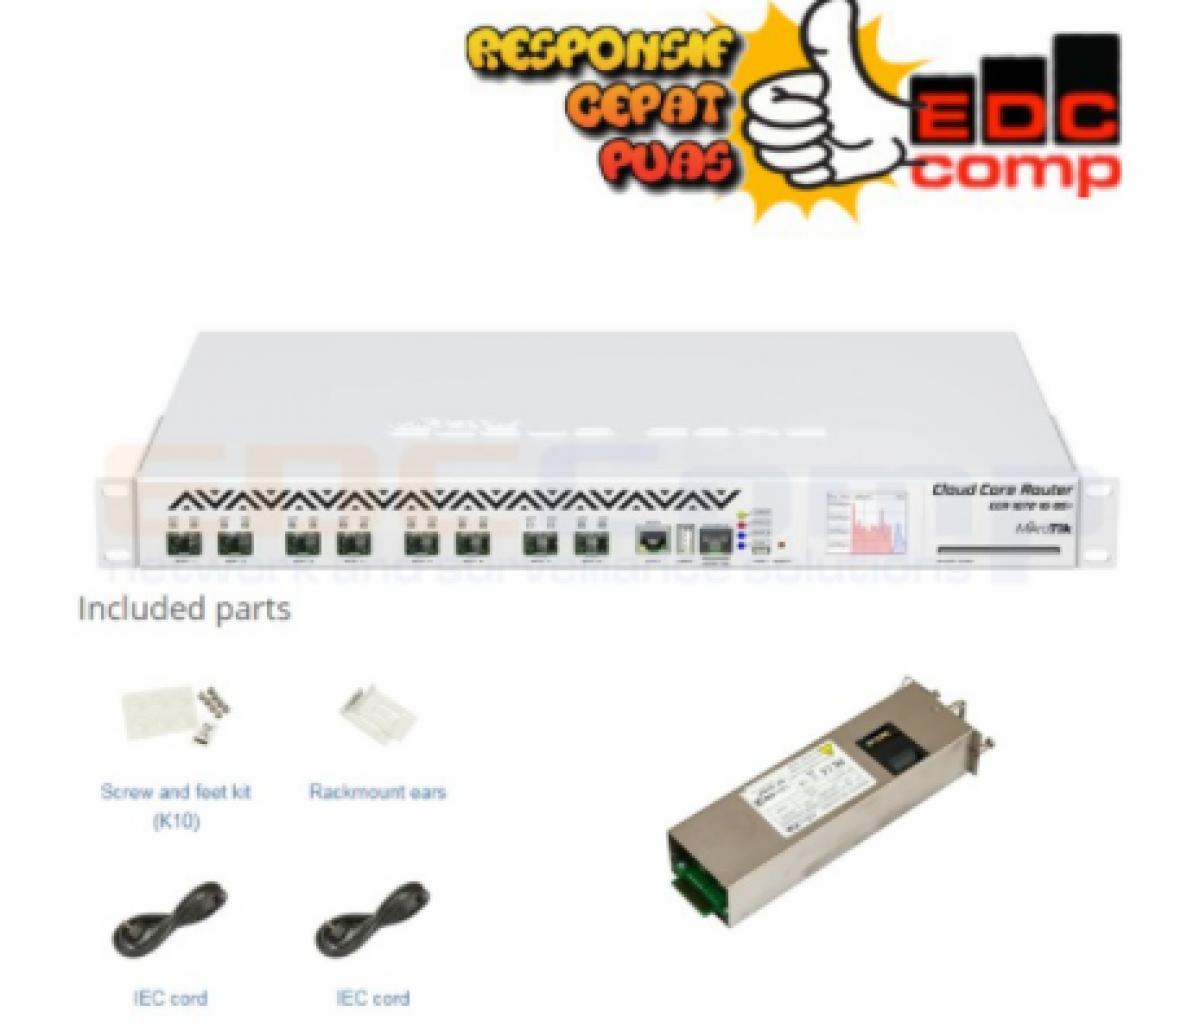 MikroTik CCR1072-1G-8S+ - EdcComp